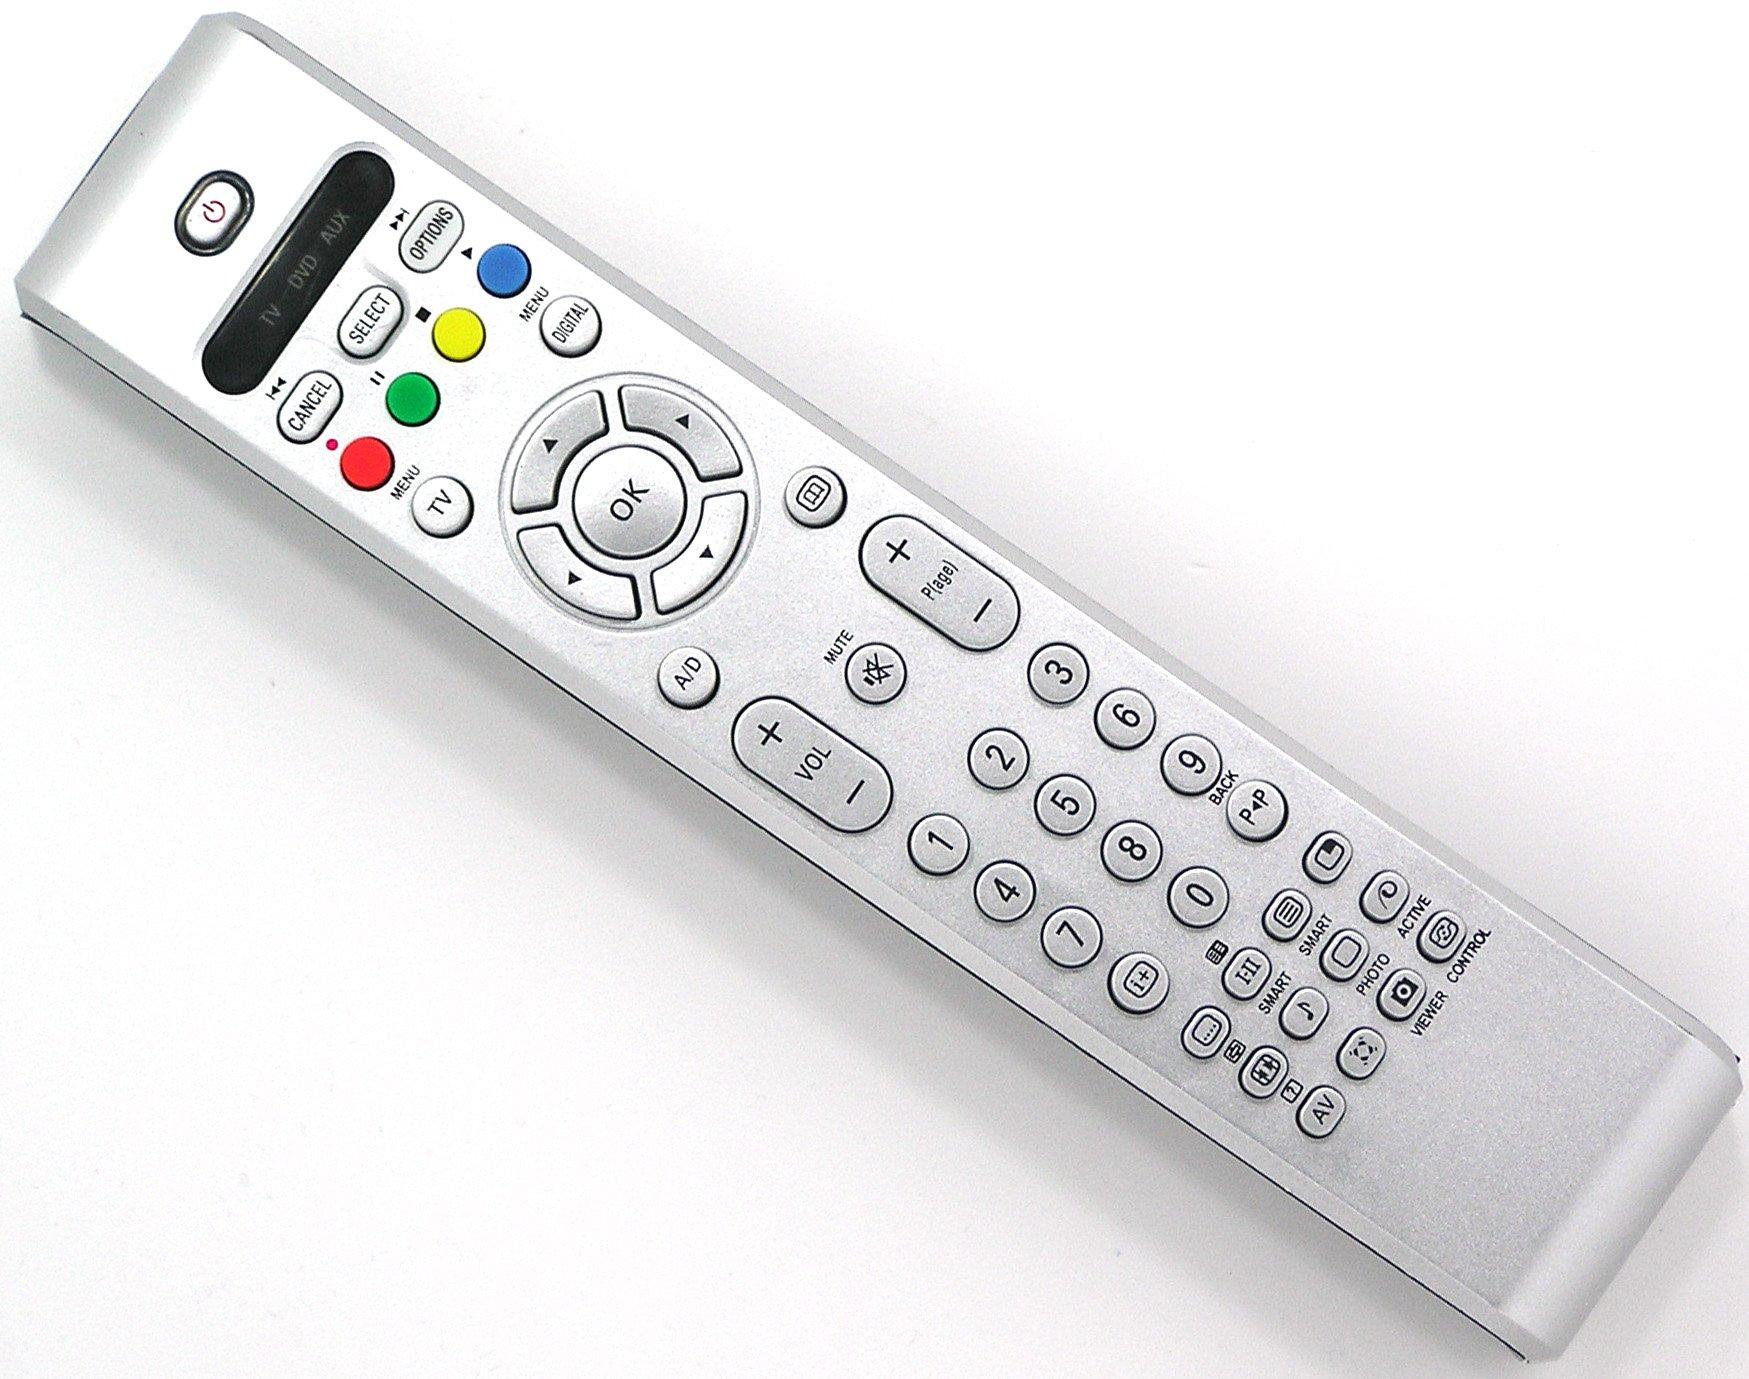 Mando a distancia de repuesto para Philips RC4347/01 televisor TV Remote Control/Nuevo: Amazon.es: Electrónica